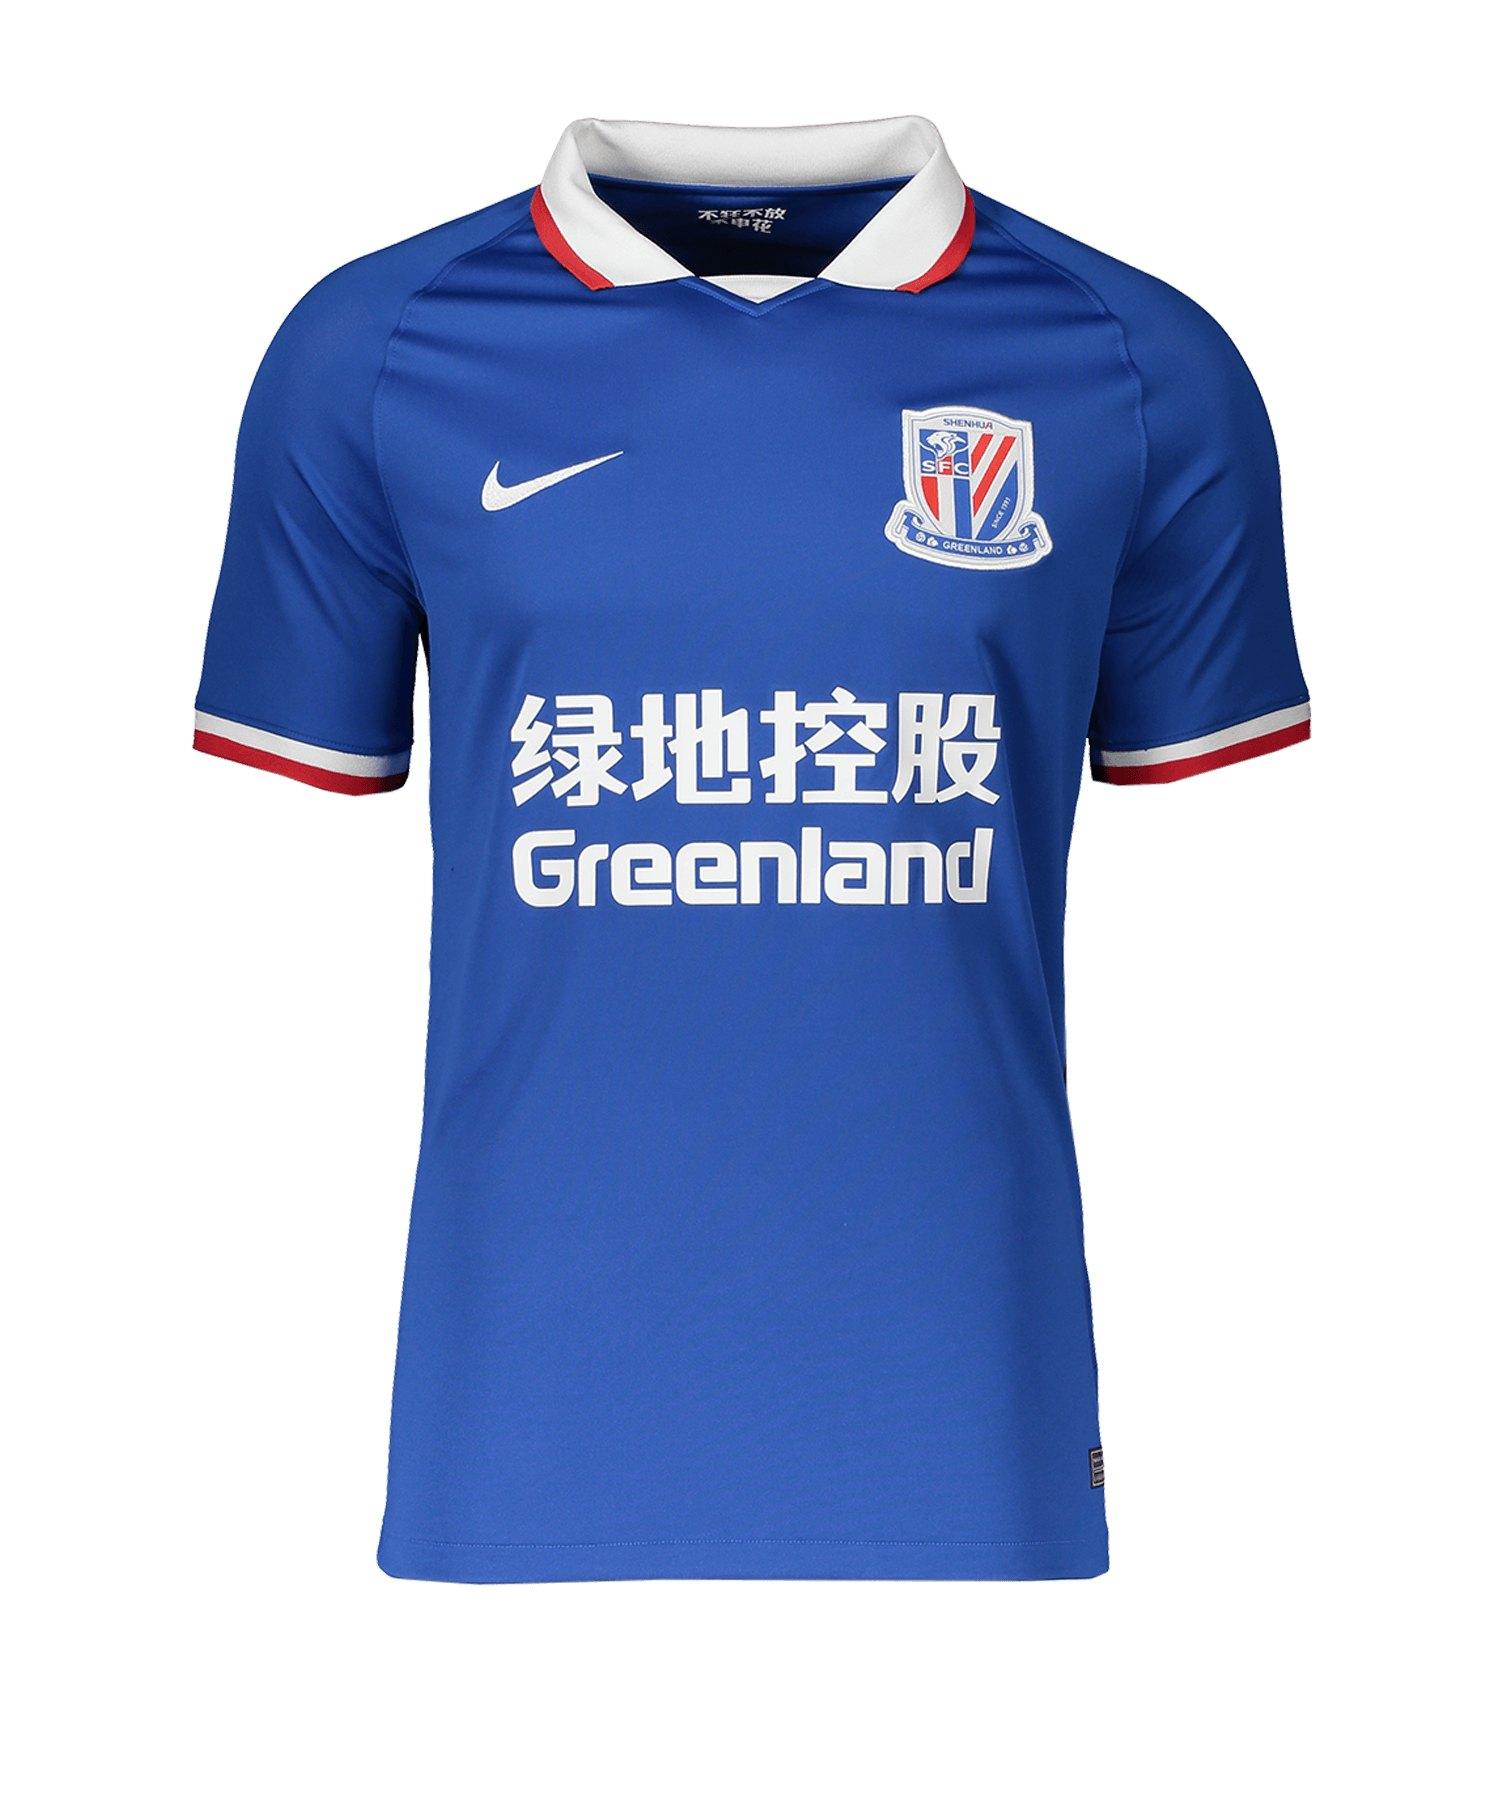 Nike Shanghai Shenhue Trikot Home 2020 Blau F480 - blau